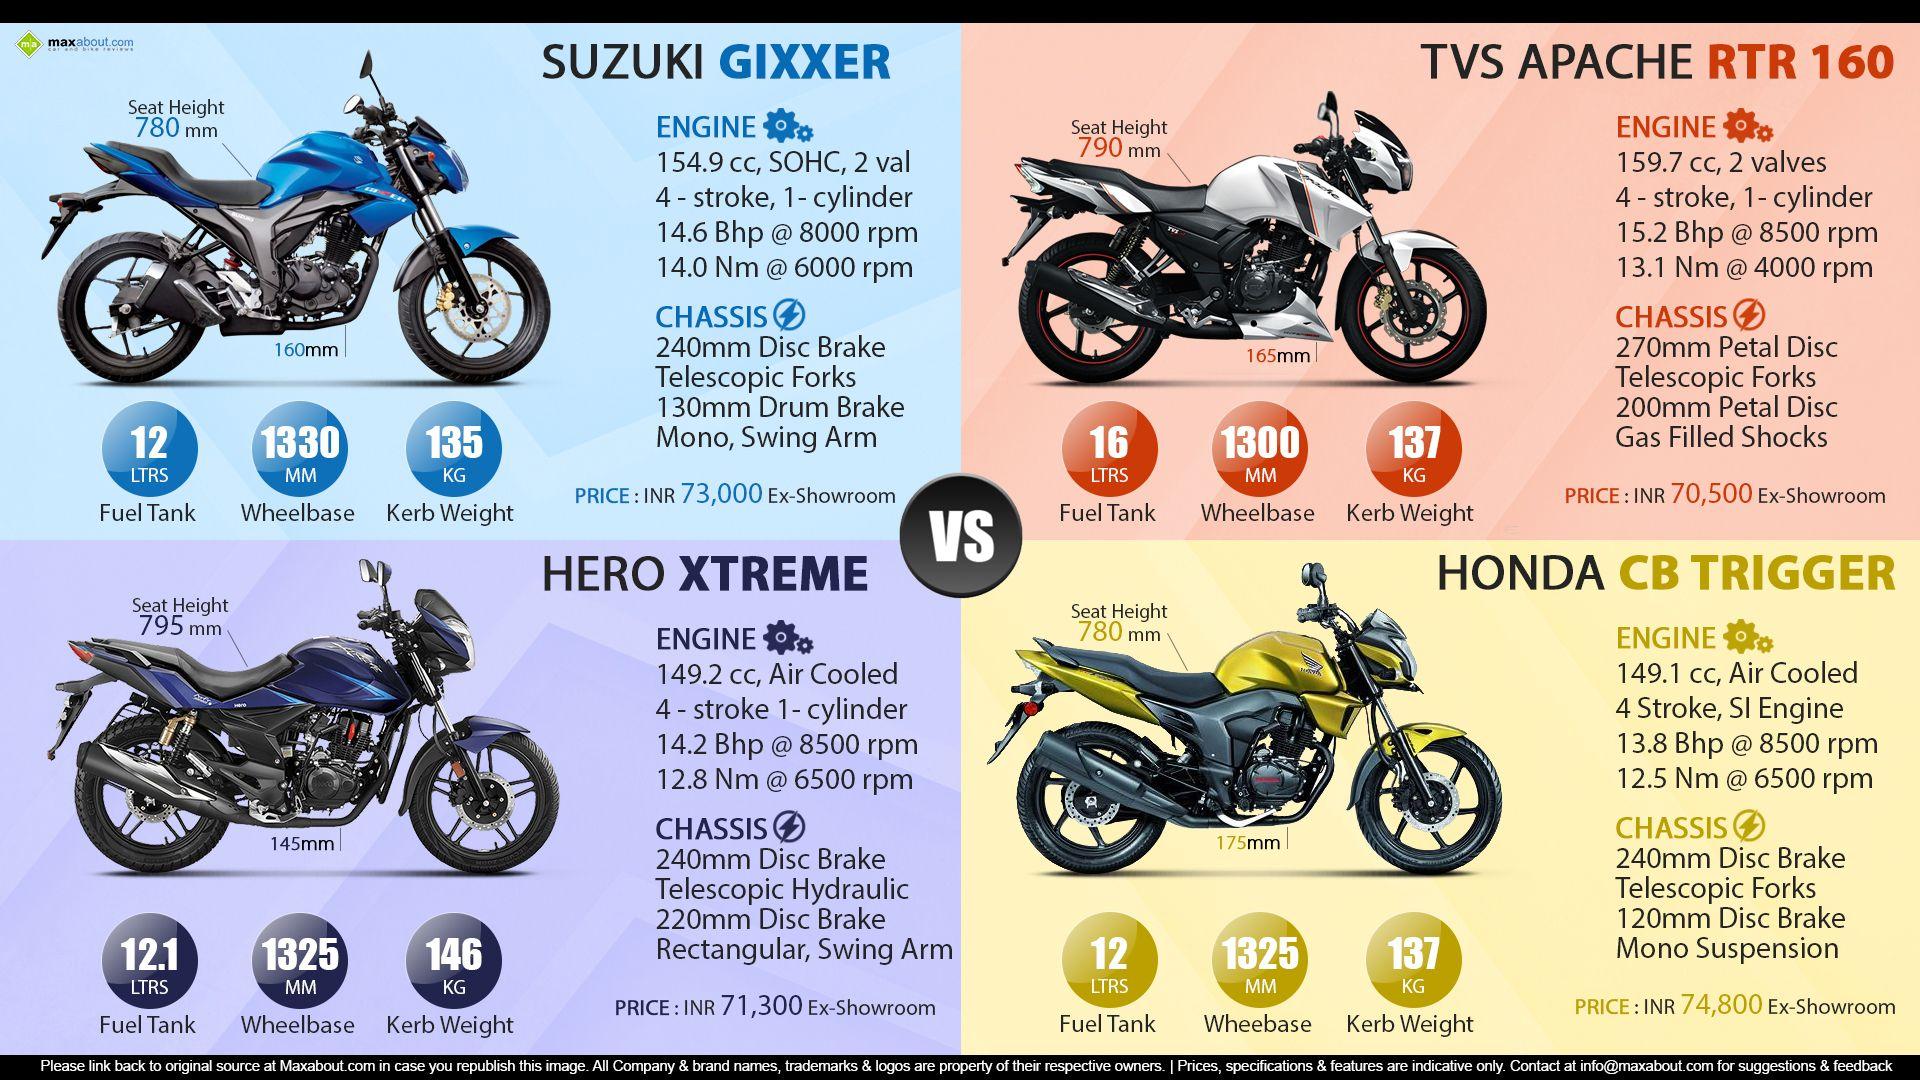 Suzuki Gixxer Vs Apache Rtr 160 Vs Hero Xtreme Vs Honda Cb